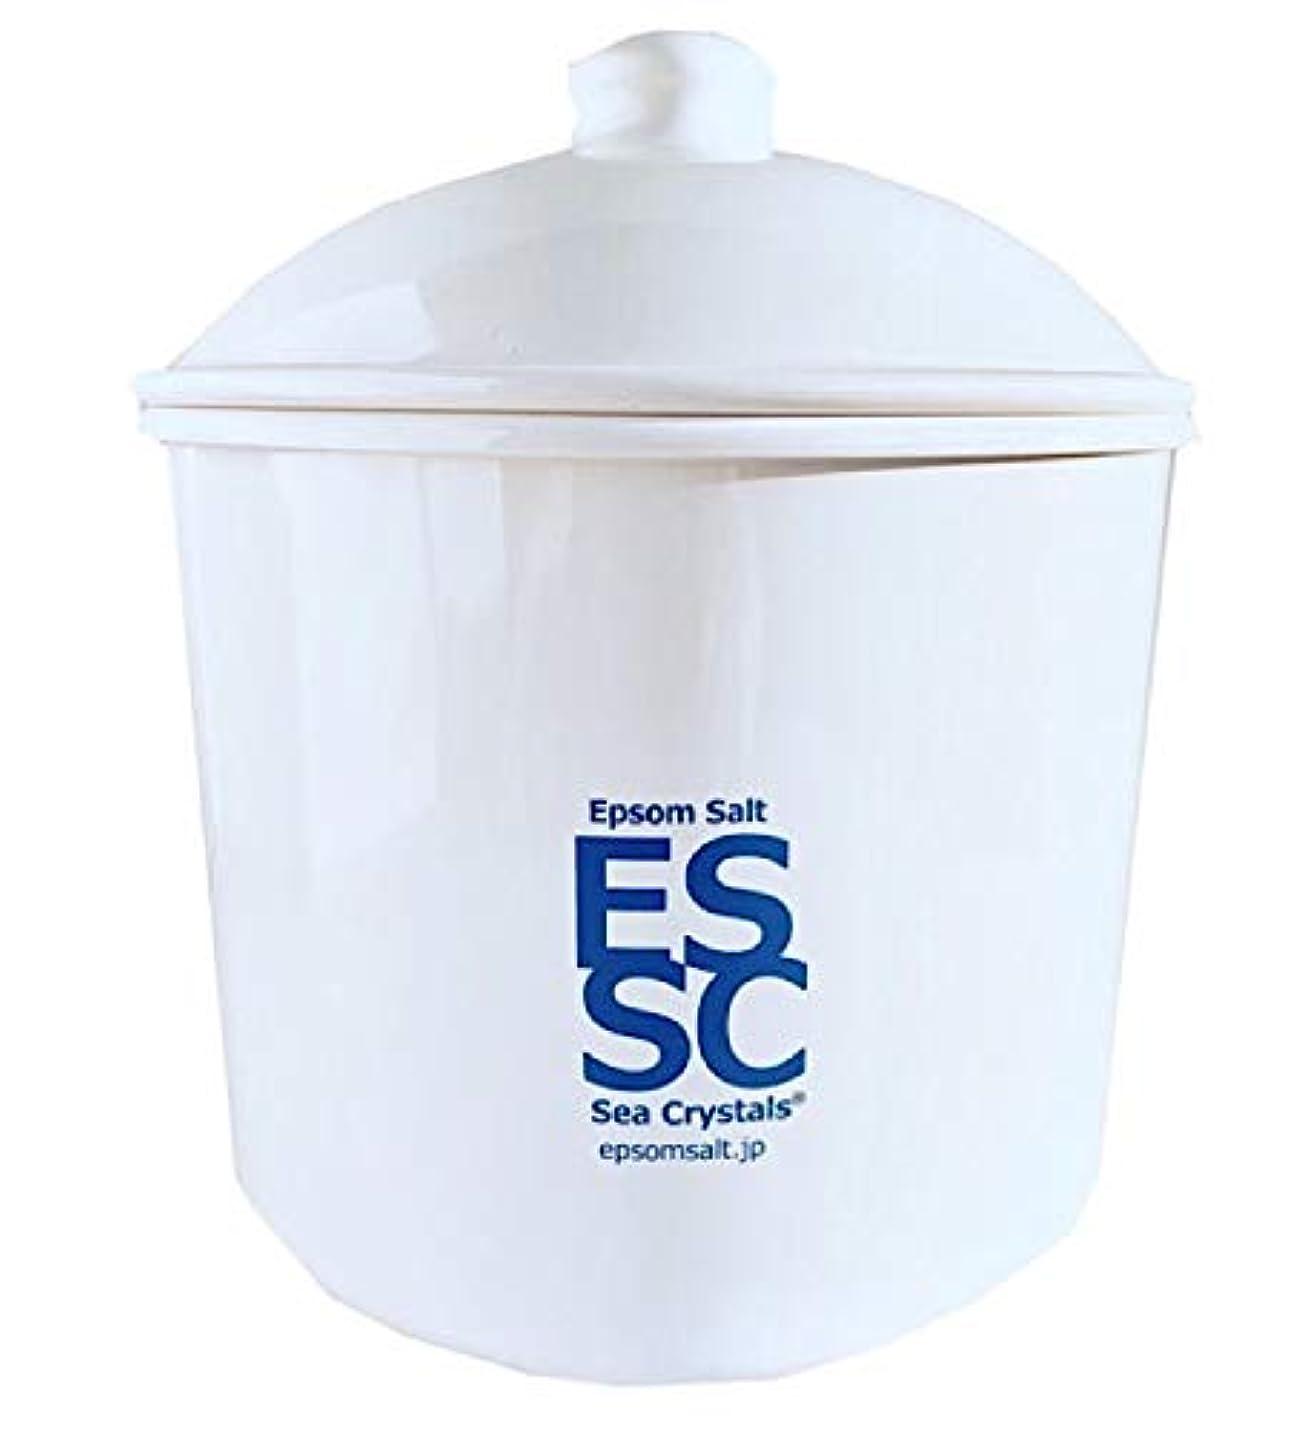 オークランド離れた招待シークリスタルス 国産 エプソムソルト 入浴剤 ケース入り2.2kg 約14回分 計量スプーン付き 無香料 硫酸マグネシウム